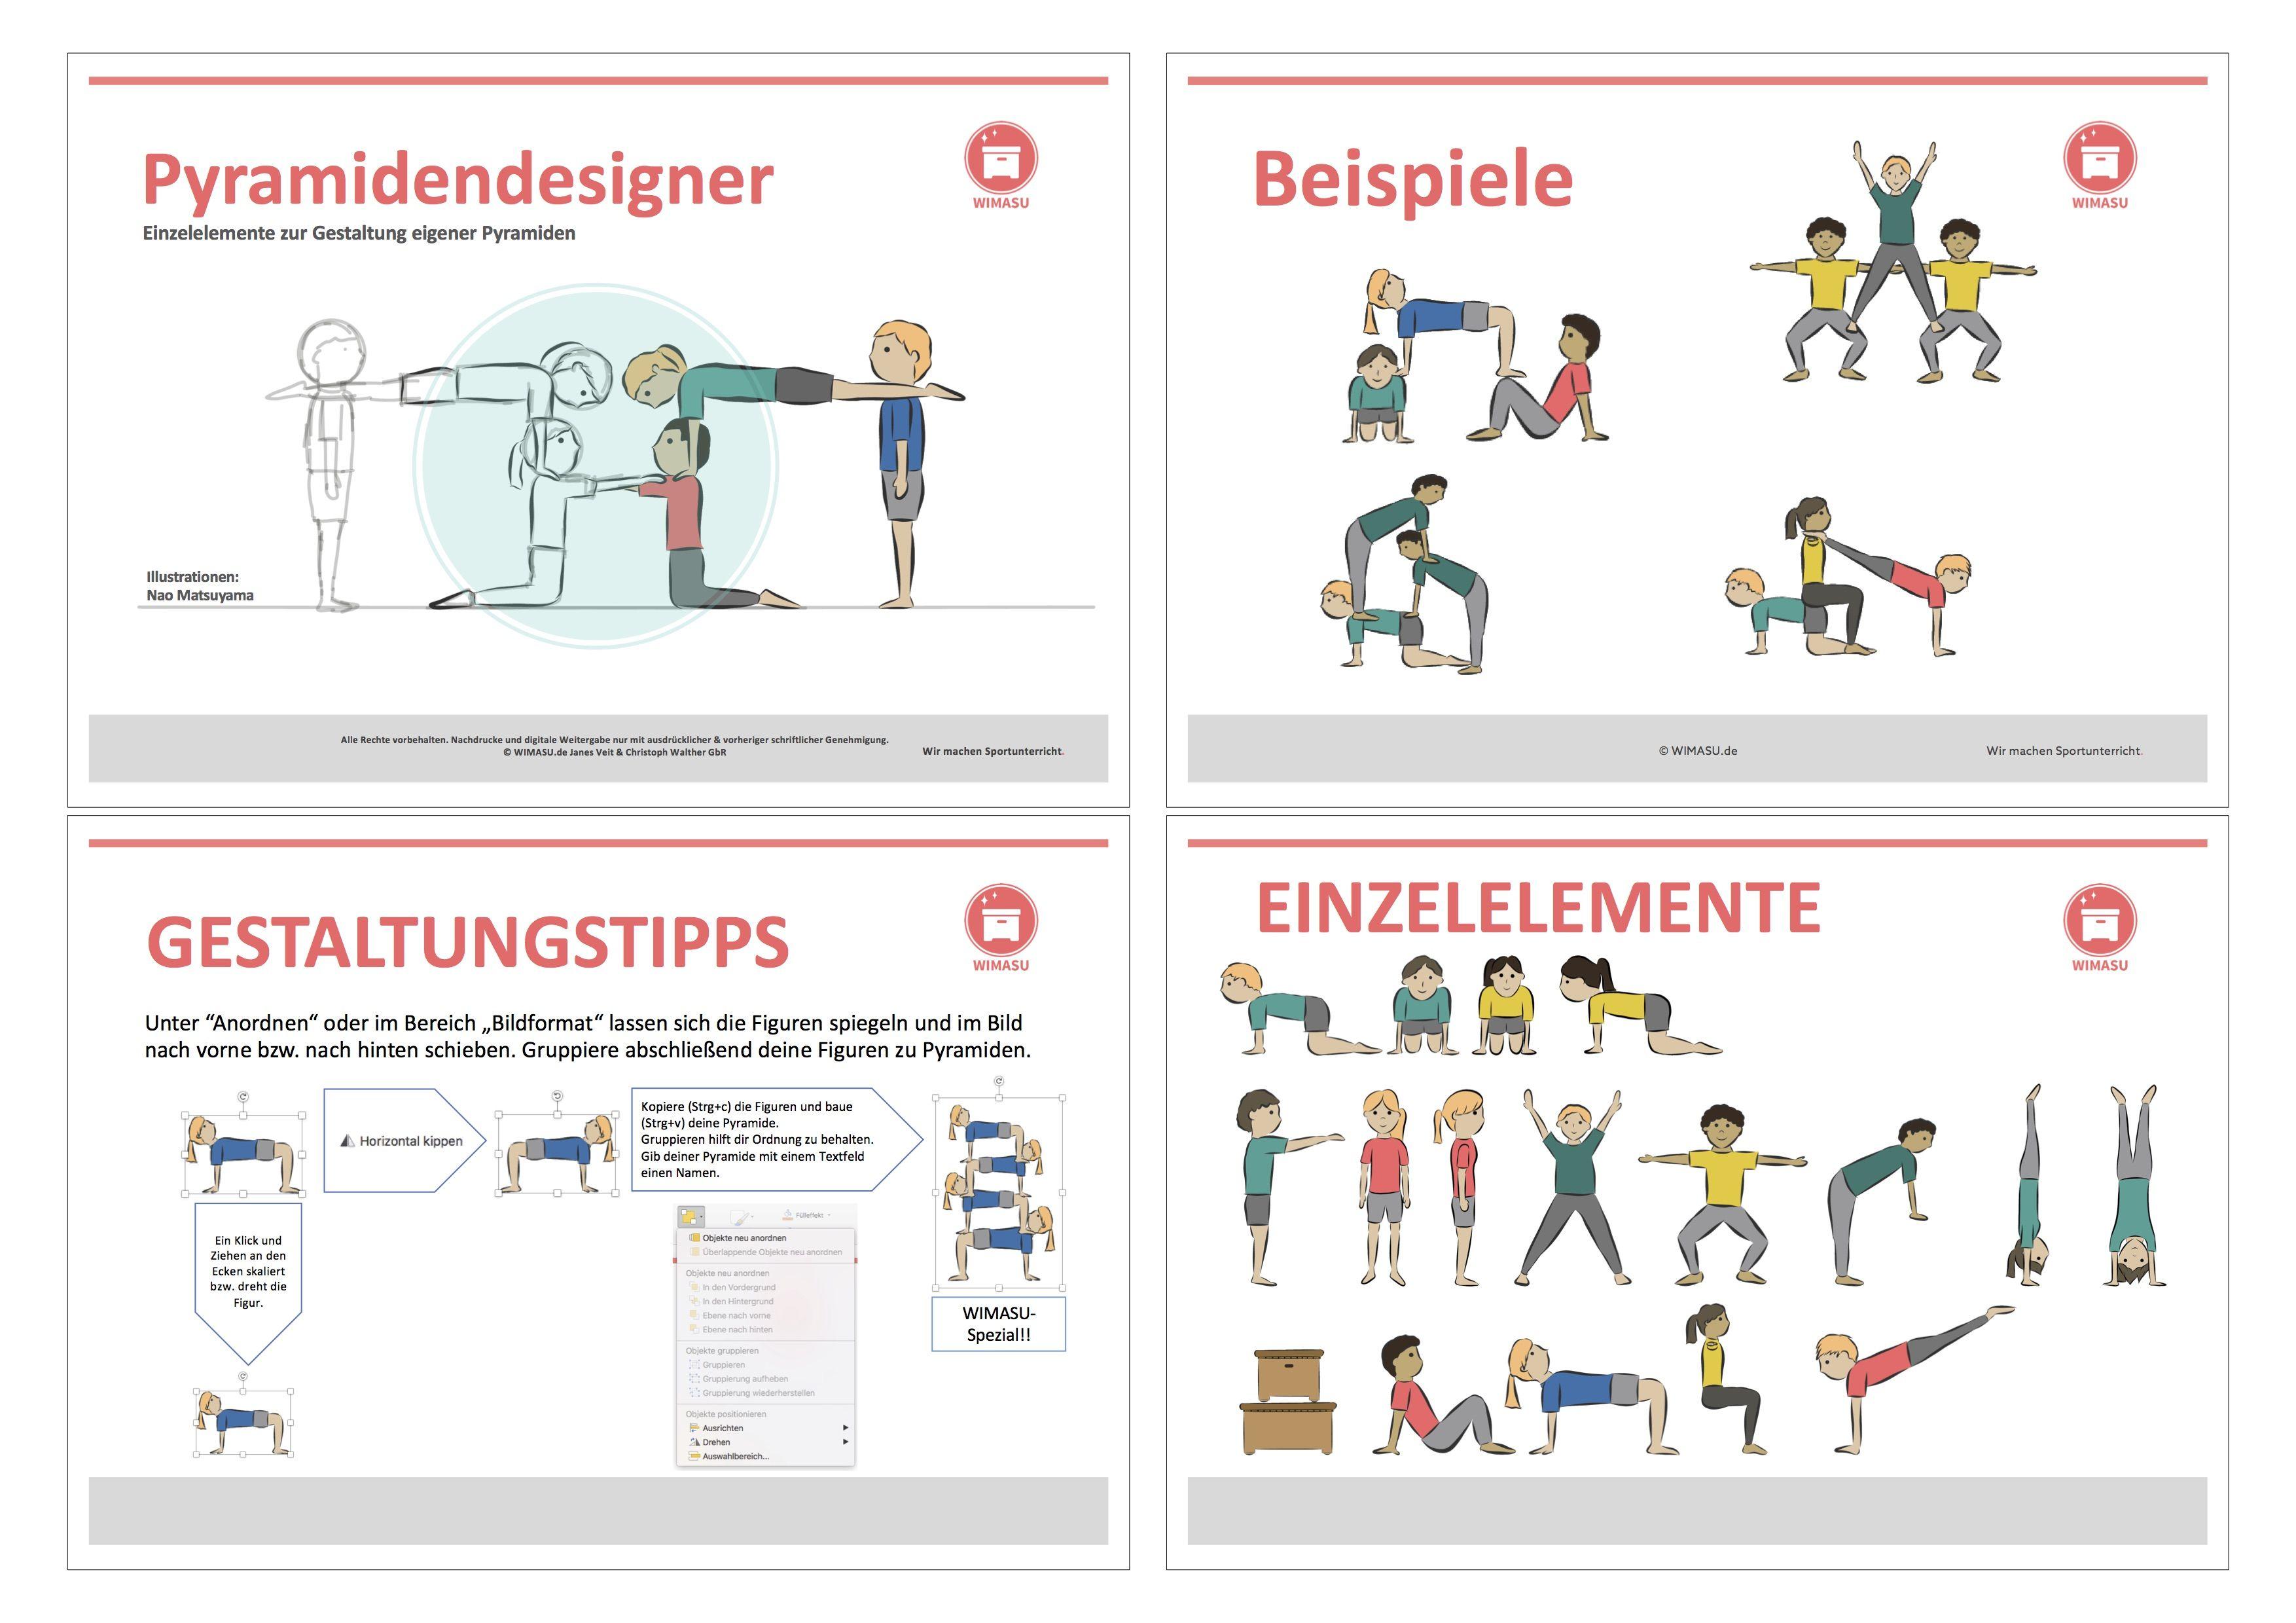 Pyramiden In Powerpoint Selbst Designen Ganz Einfach Mit Dem Pyramidendesigner Sportunterricht Turnen Mit Kindern Kinderturnen